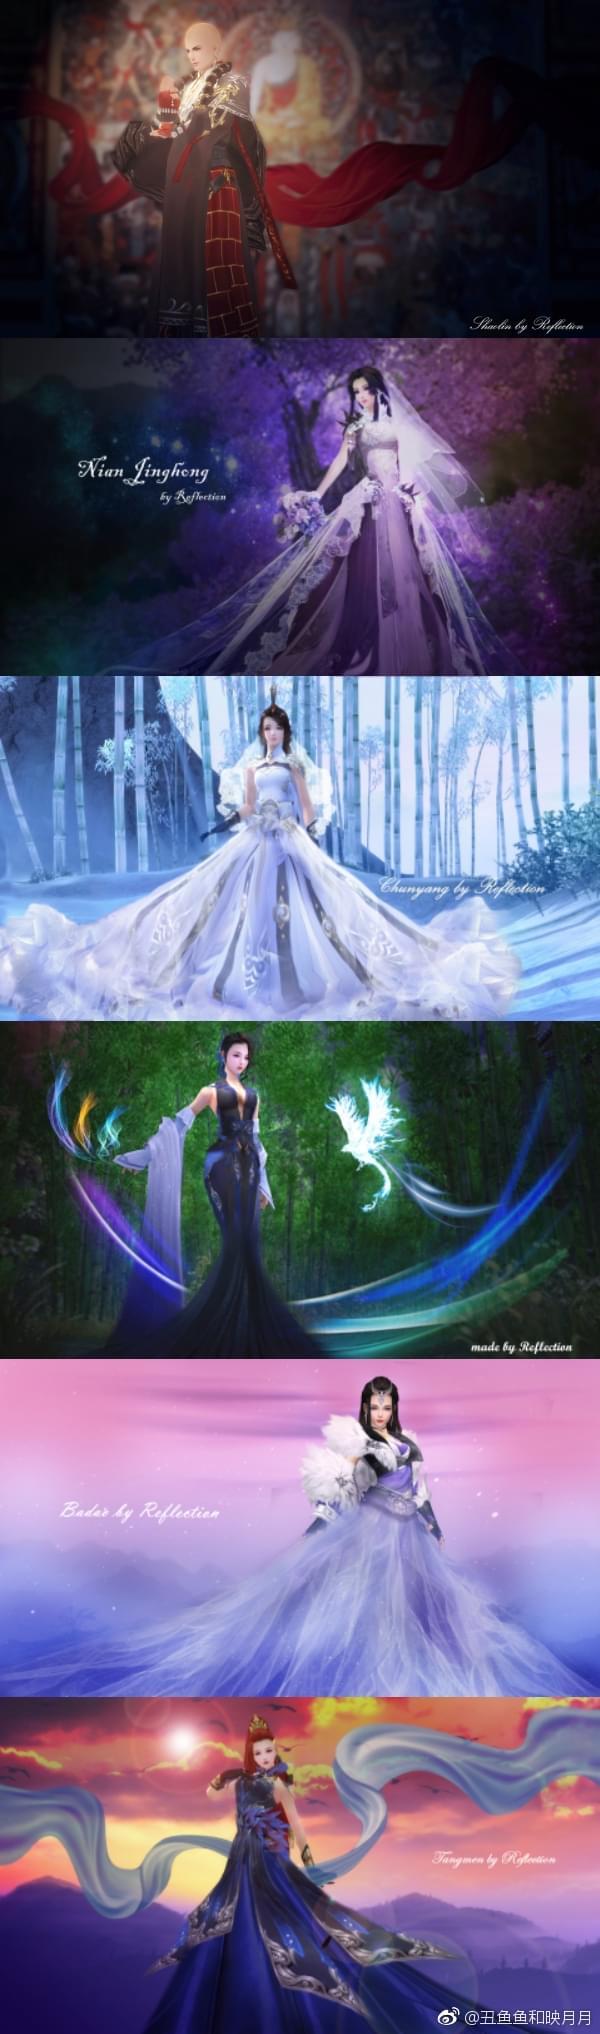 《剑网3》同人创作展示 当全门派成女穿上婚纱